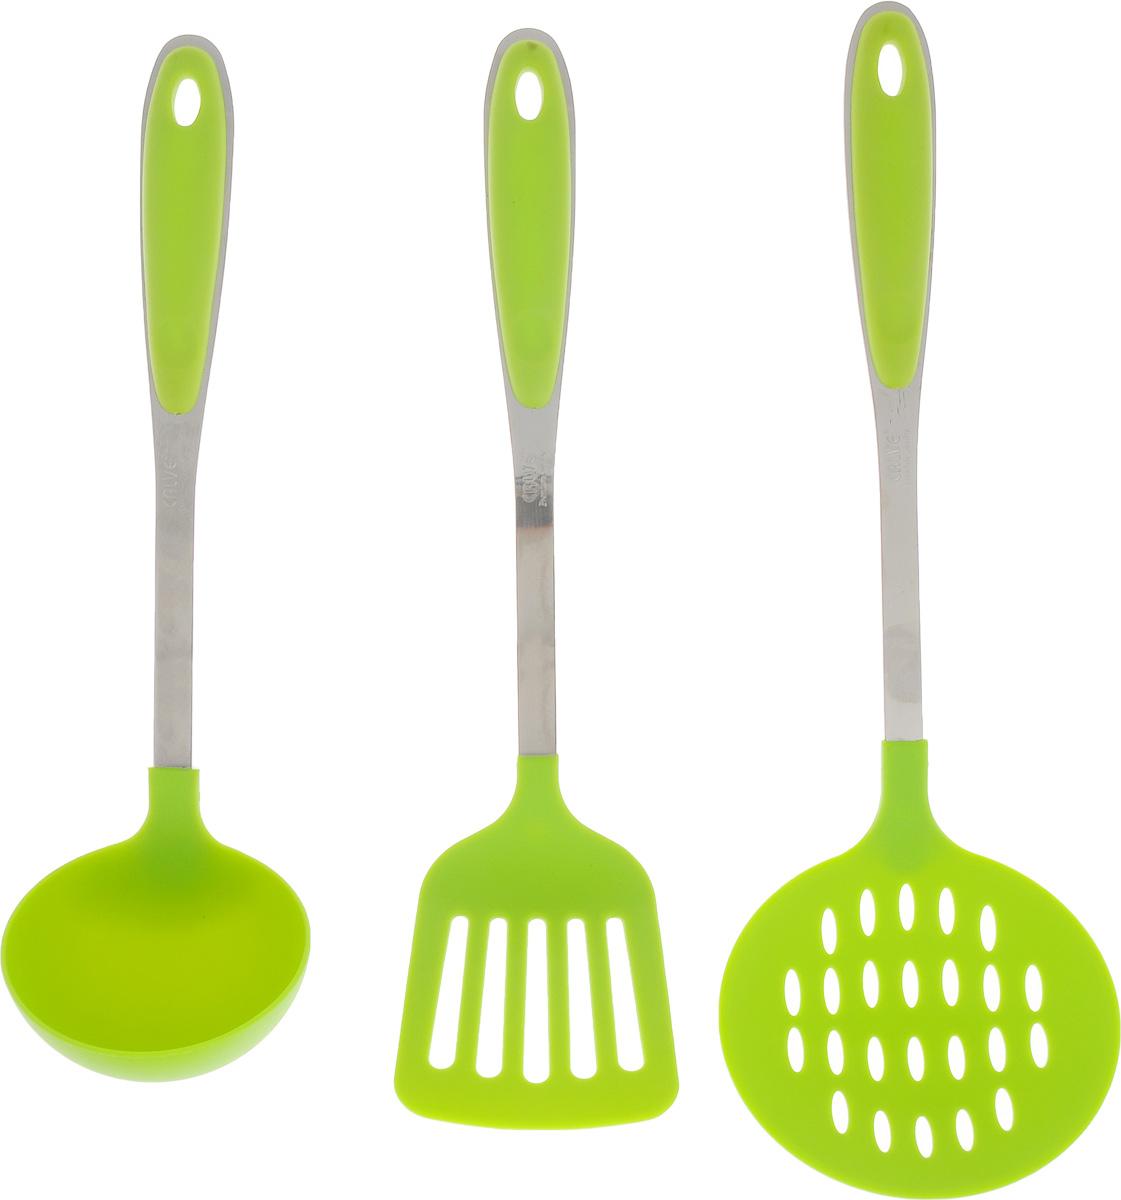 Набор кухонных принадлежностей Calve, цвет: салатовый, 3 предметаCL-1362_салатовыйНабор кухонных принадлежностей Calve включает в себя: шумовку, лопатку и половник. Изделия выполнены из нейлона. В ручках имеются специальные отверстия для удобного подвешивания. Этот профессиональный набор очень удобен в использовании. Наслаждайтесь приготовлением пищи с вашим набором кухонных принадлежностей от Calve. Размер рабочей поверхности шумовки: 11 х 11 см. Длина шумовки: 35 см. Размер рабочей поверхности лопатки: 10 х 8 см. Длина лопатки: 33 см. Размер рабочей поверхности половника: 9 х 9 х 3,5 см. Длина половника: 30 см.